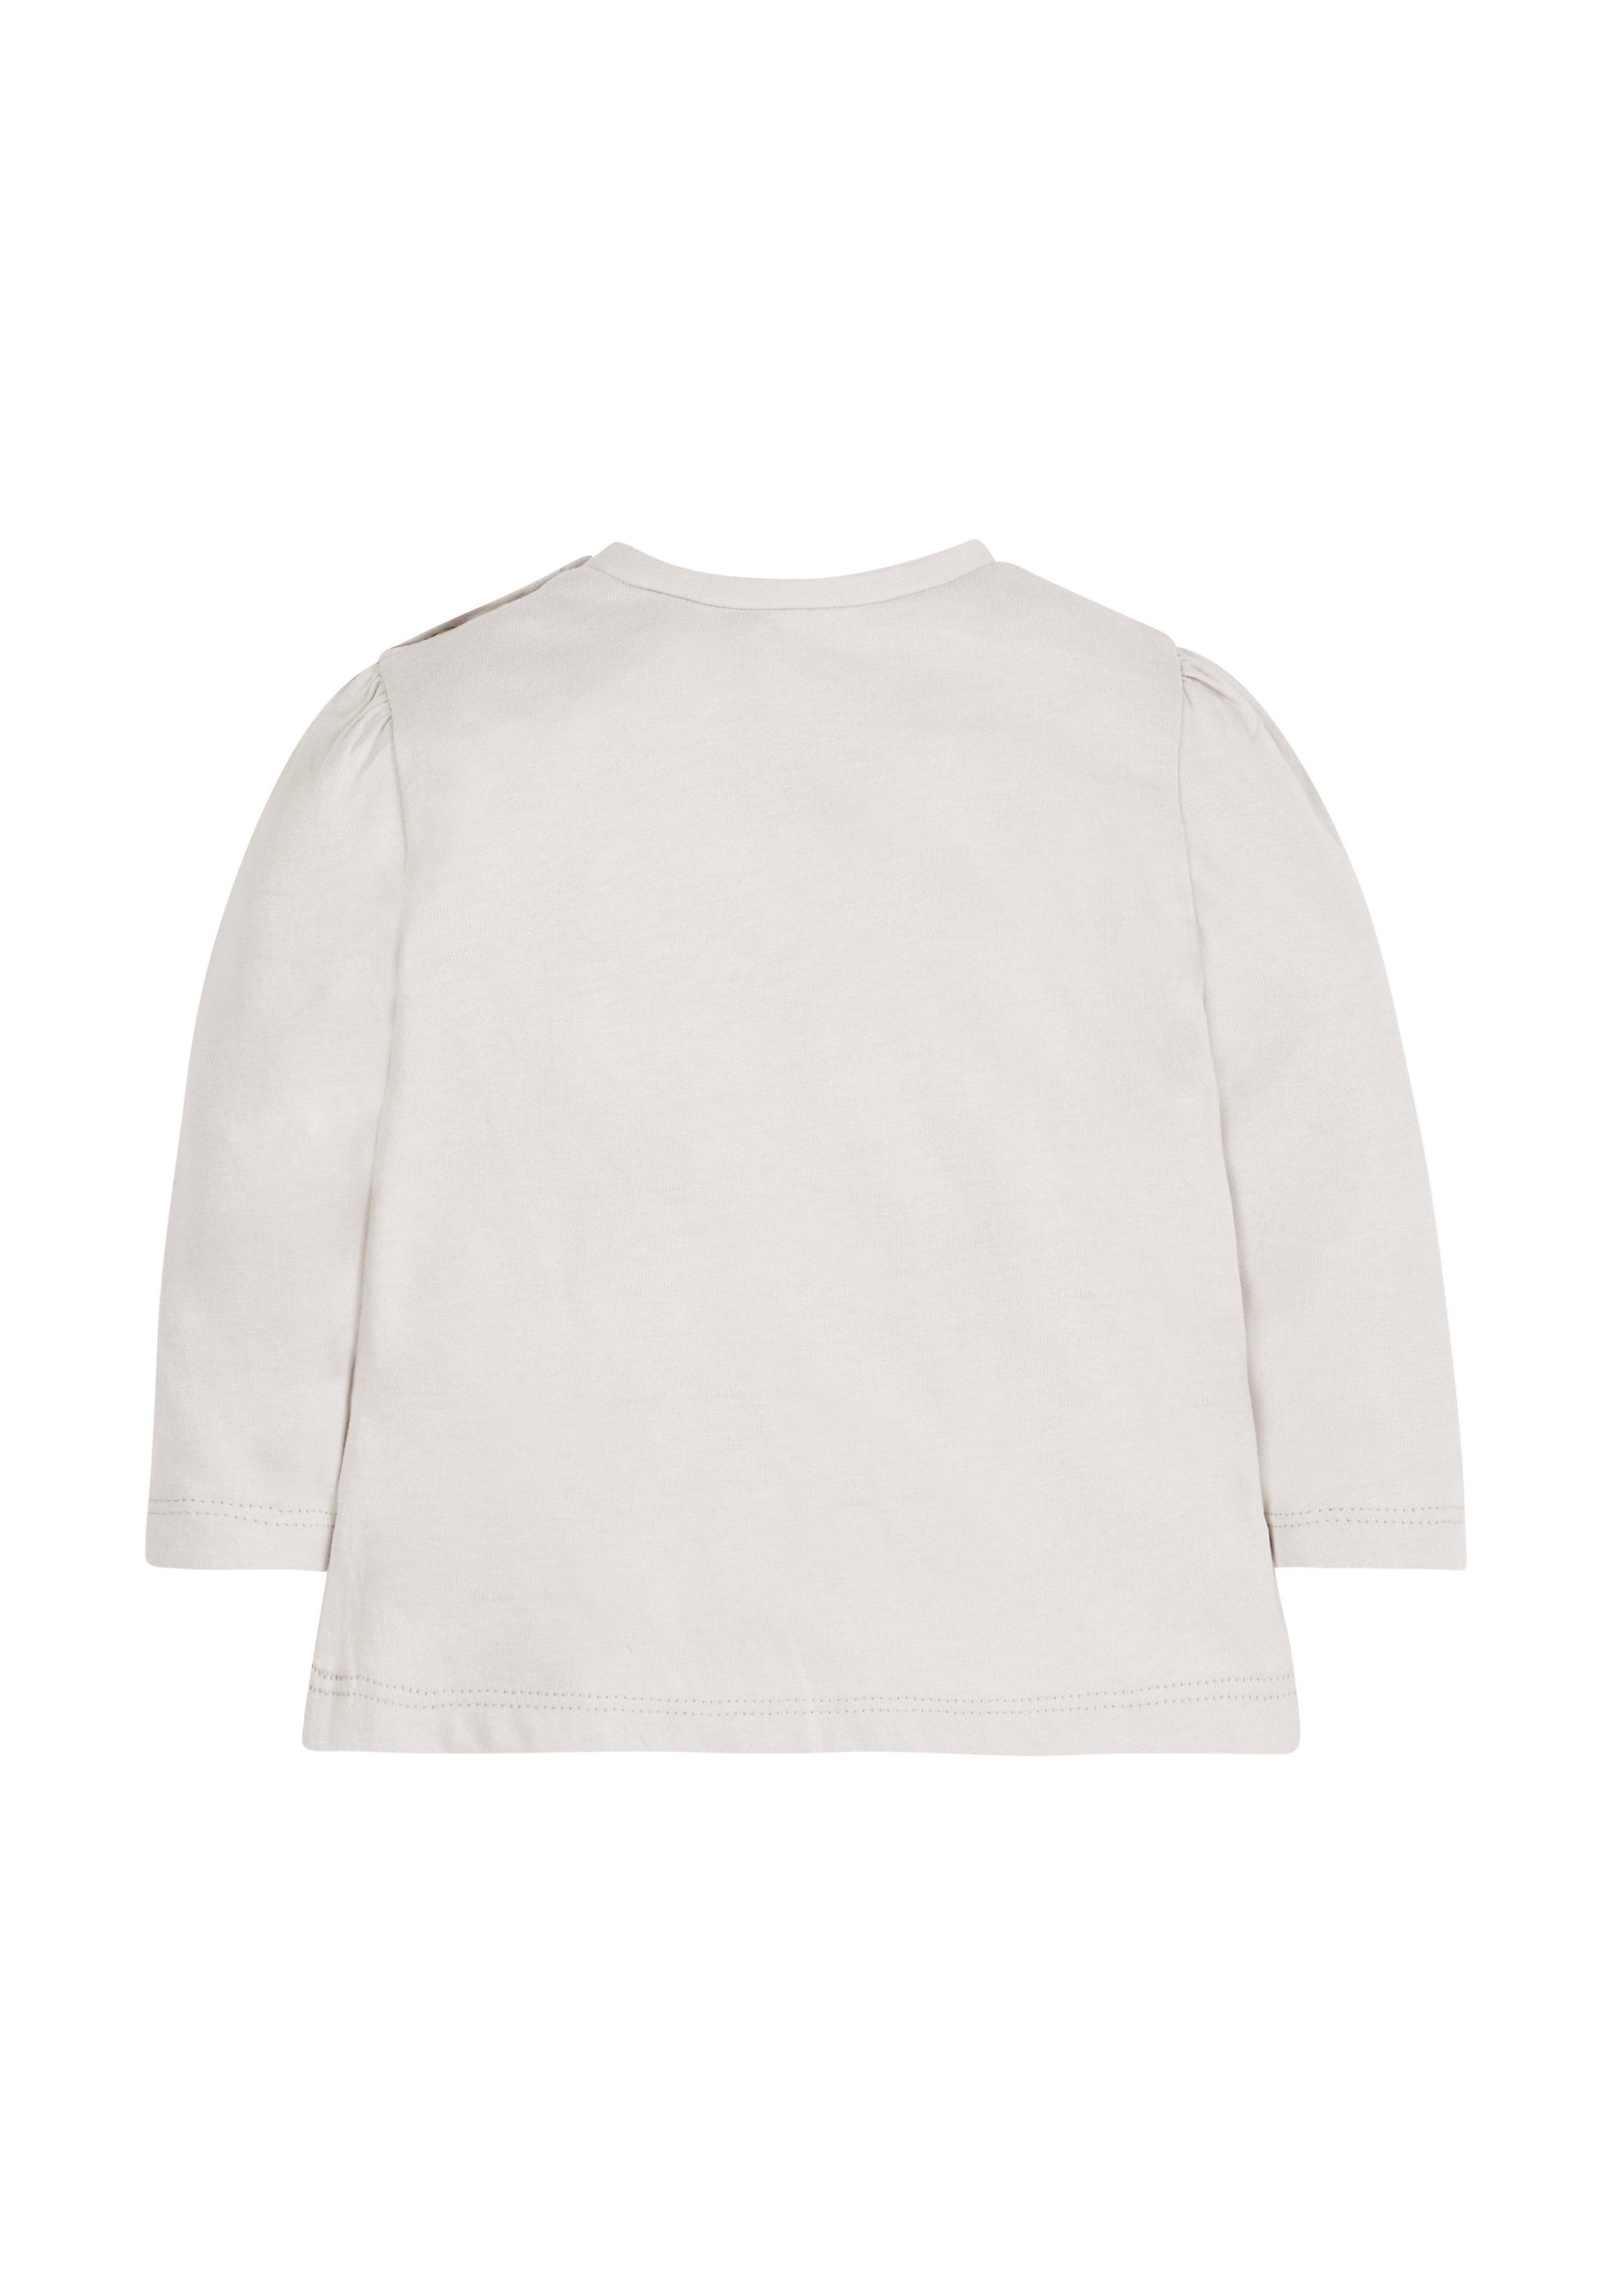 Mothercare | Girls Little Deer T-Shirt - Grey